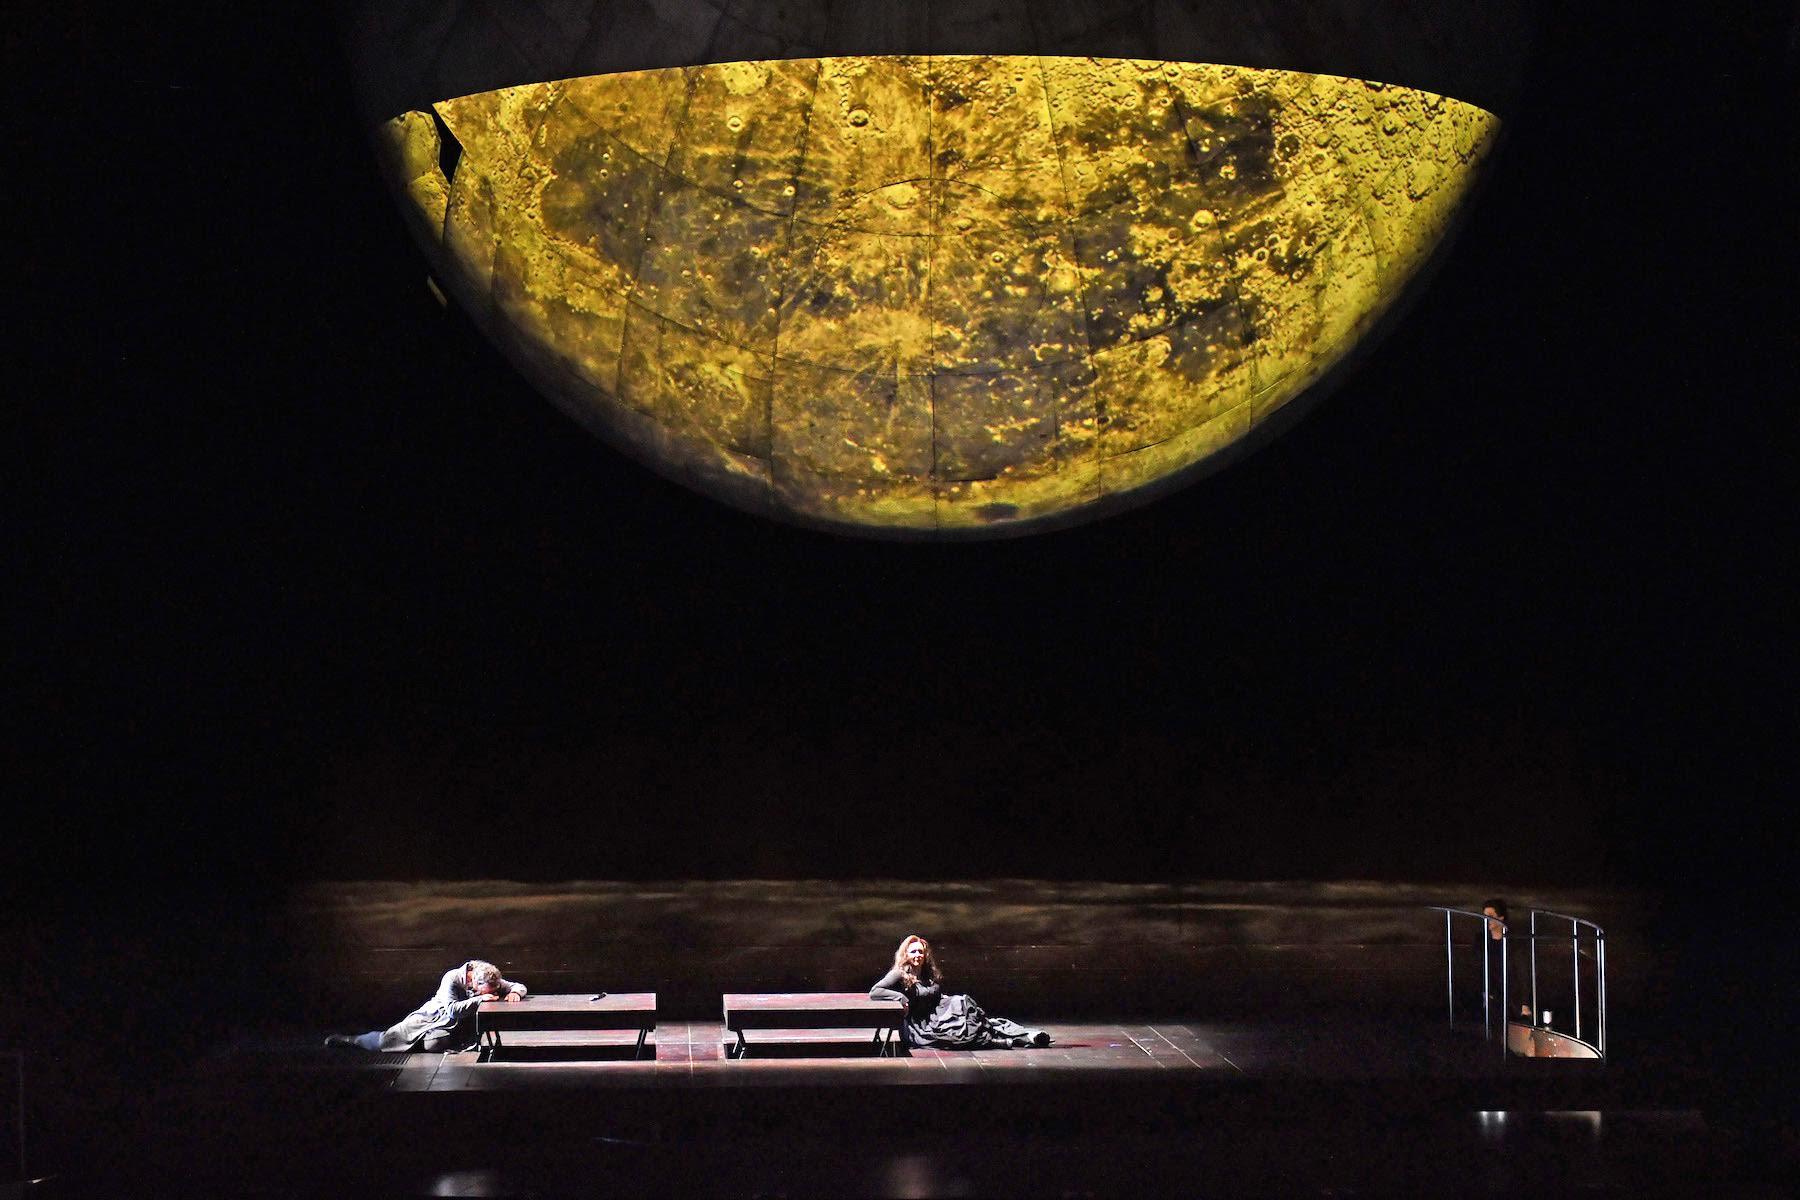 Acto I: Von einem Kahn ®A.Bofill